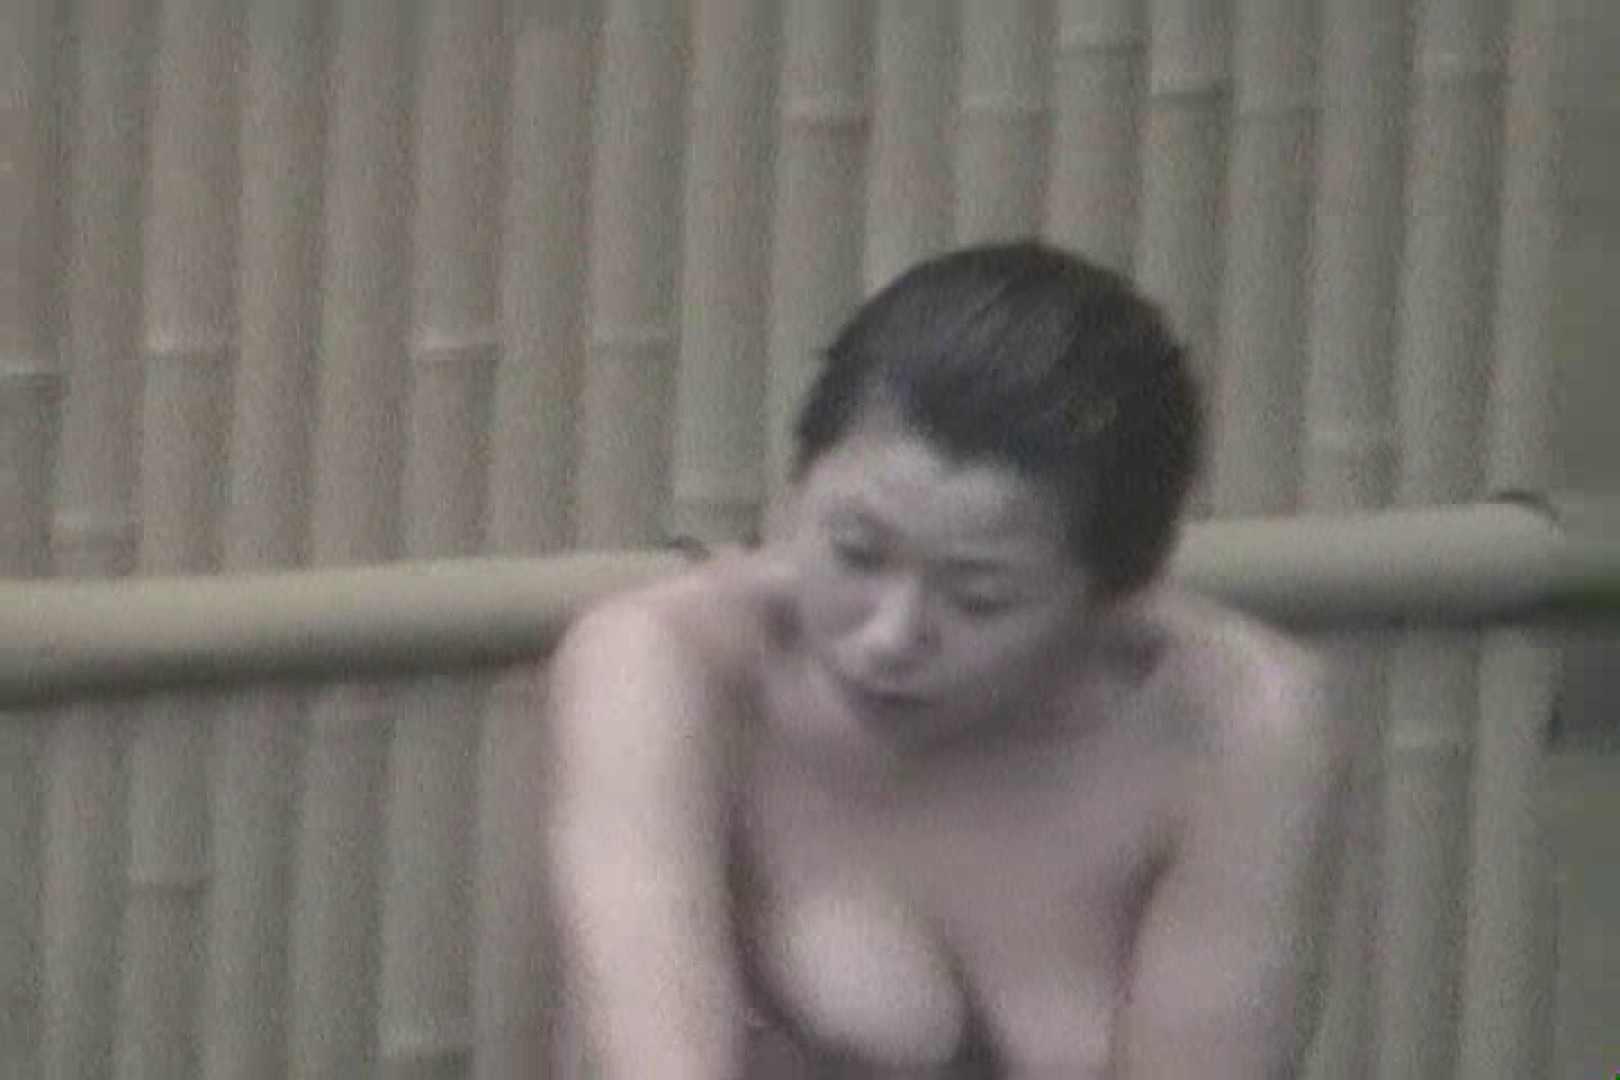 Aquaな露天風呂Vol.555 OLのエロ生活  46連発 39